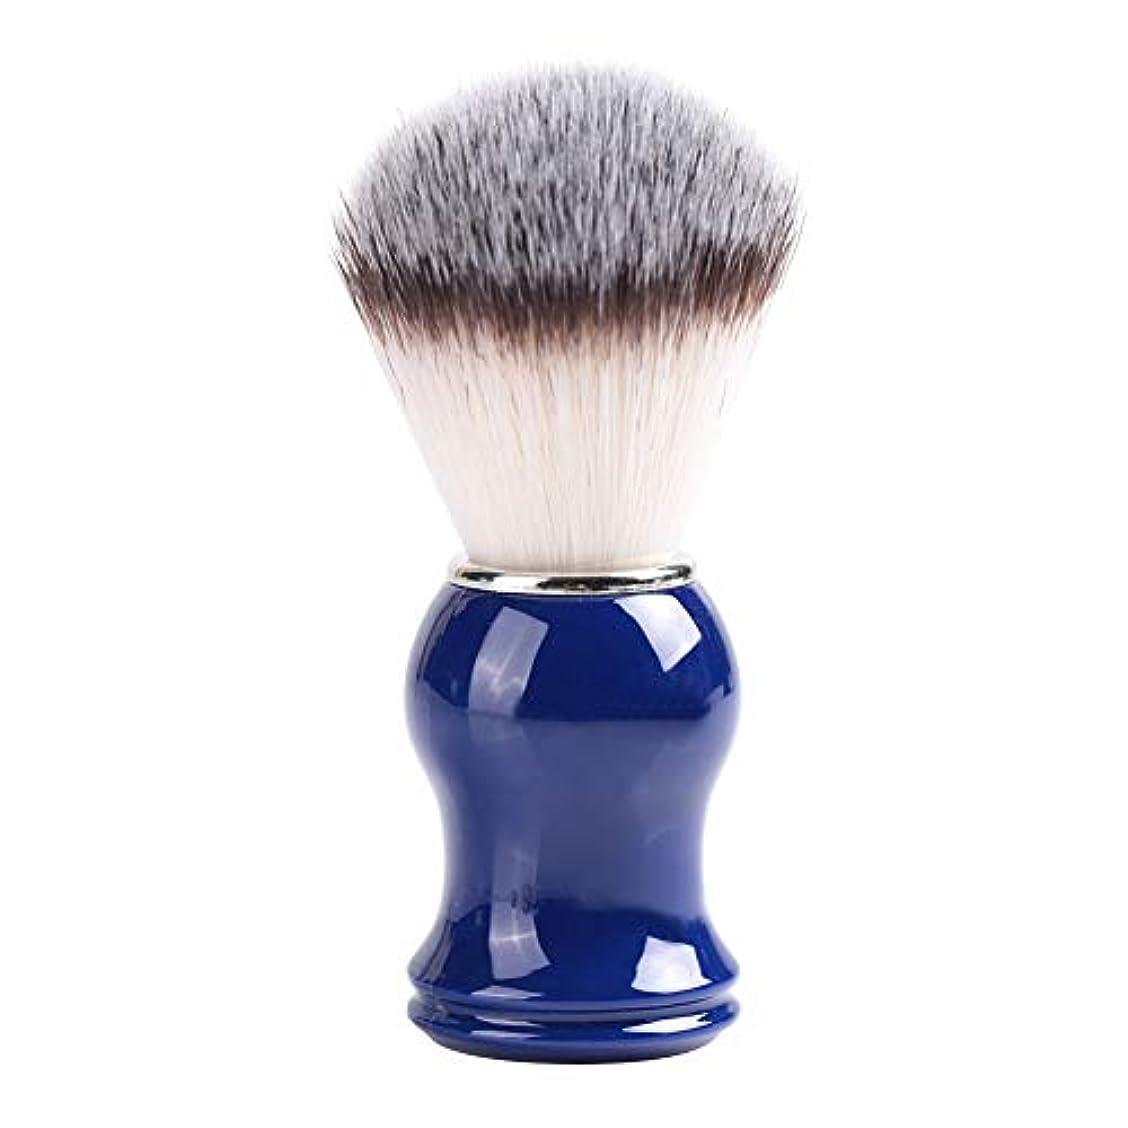 雄弁な受け入れる青Nitrip シェービングブラシ ひげブラシ ひげケア 理容 洗顔 髭剃り 泡立ち 男性用 2色(剛毛+青)